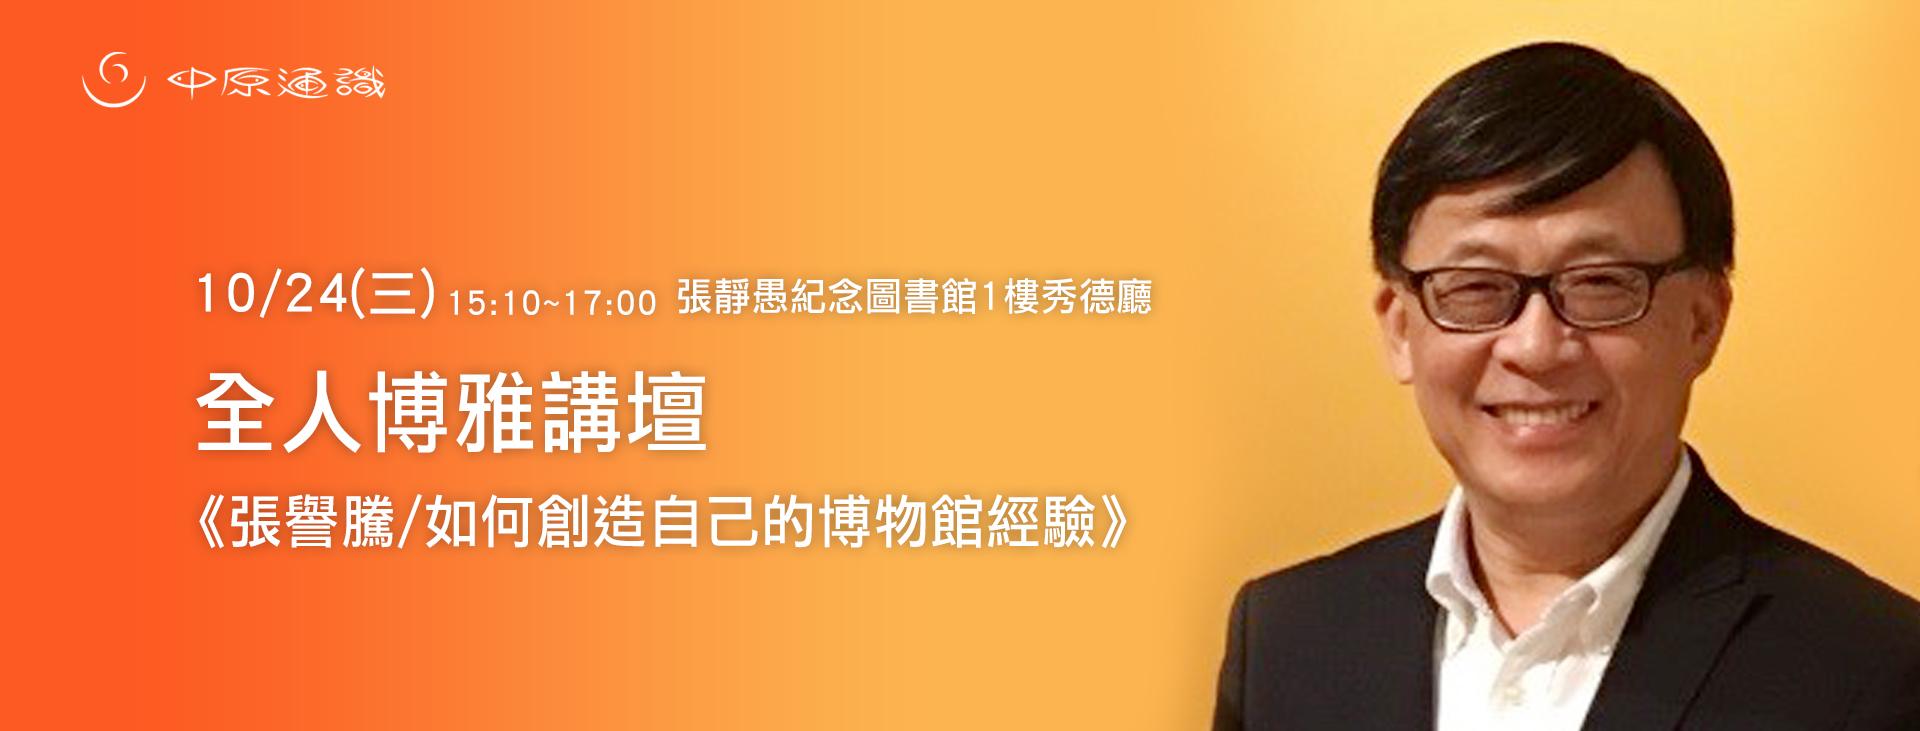 全人博雅講壇《張譽騰/如何創造自己的博物館經驗》